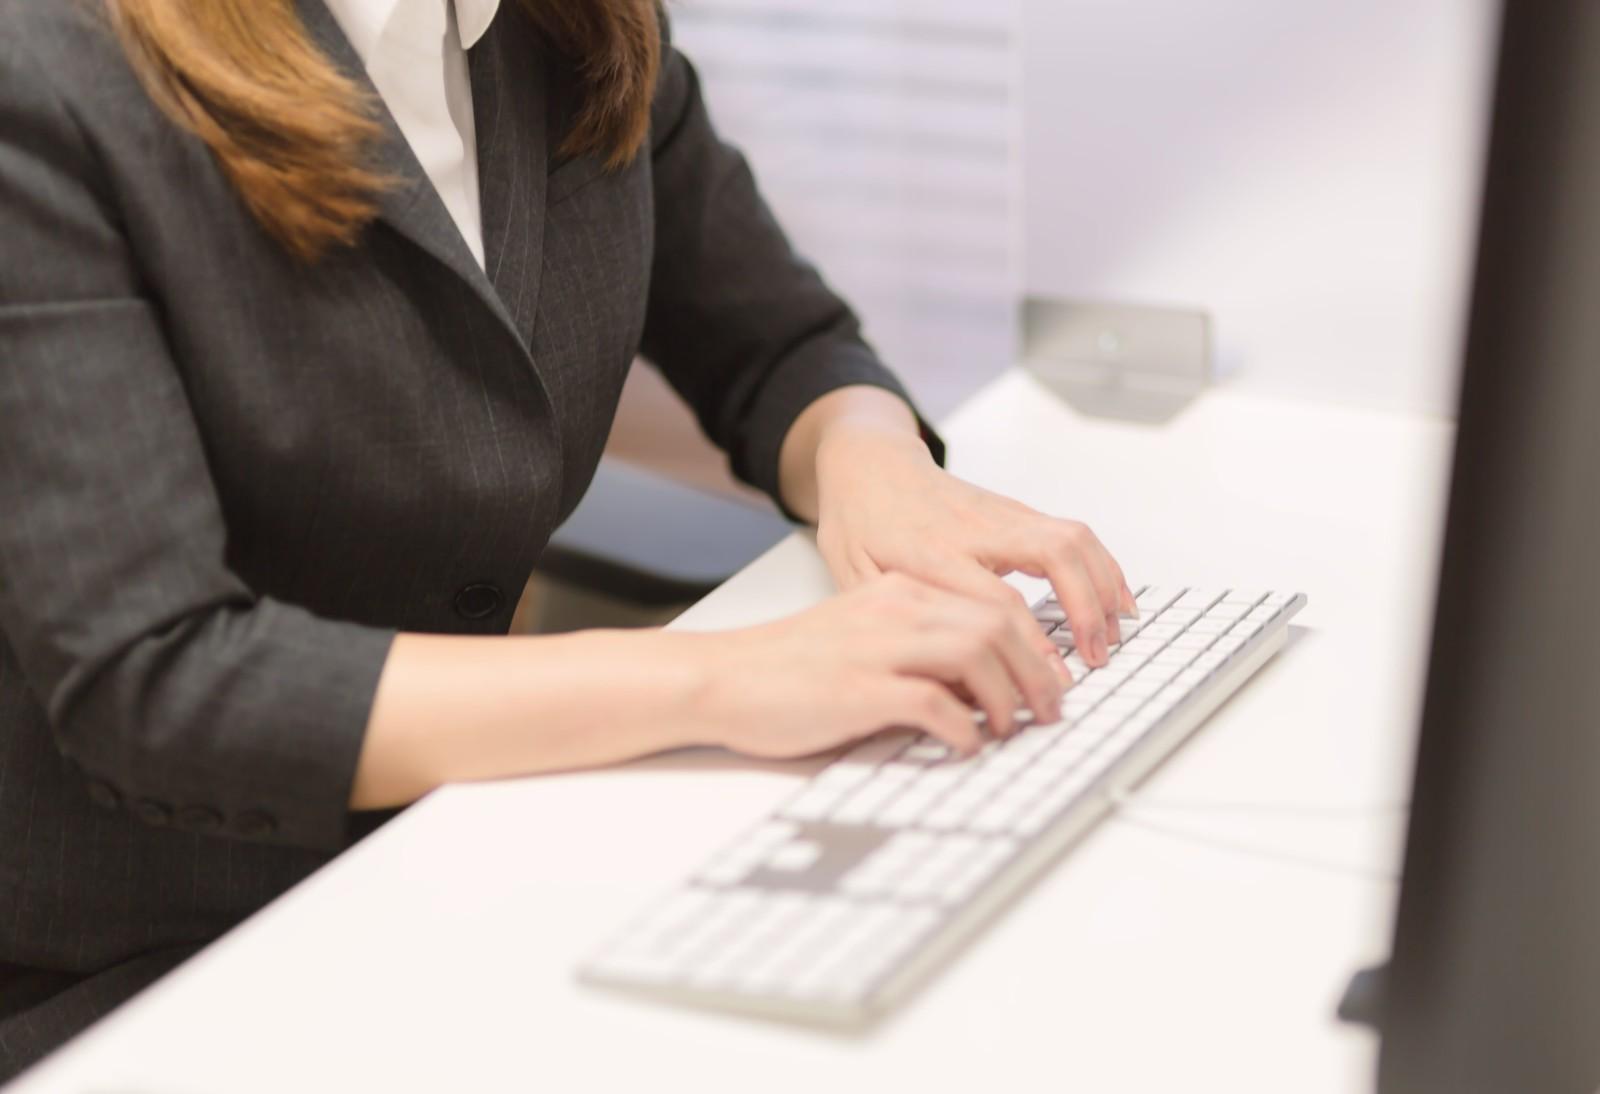 一般事務の仕事内容、未経験でも転職できる?